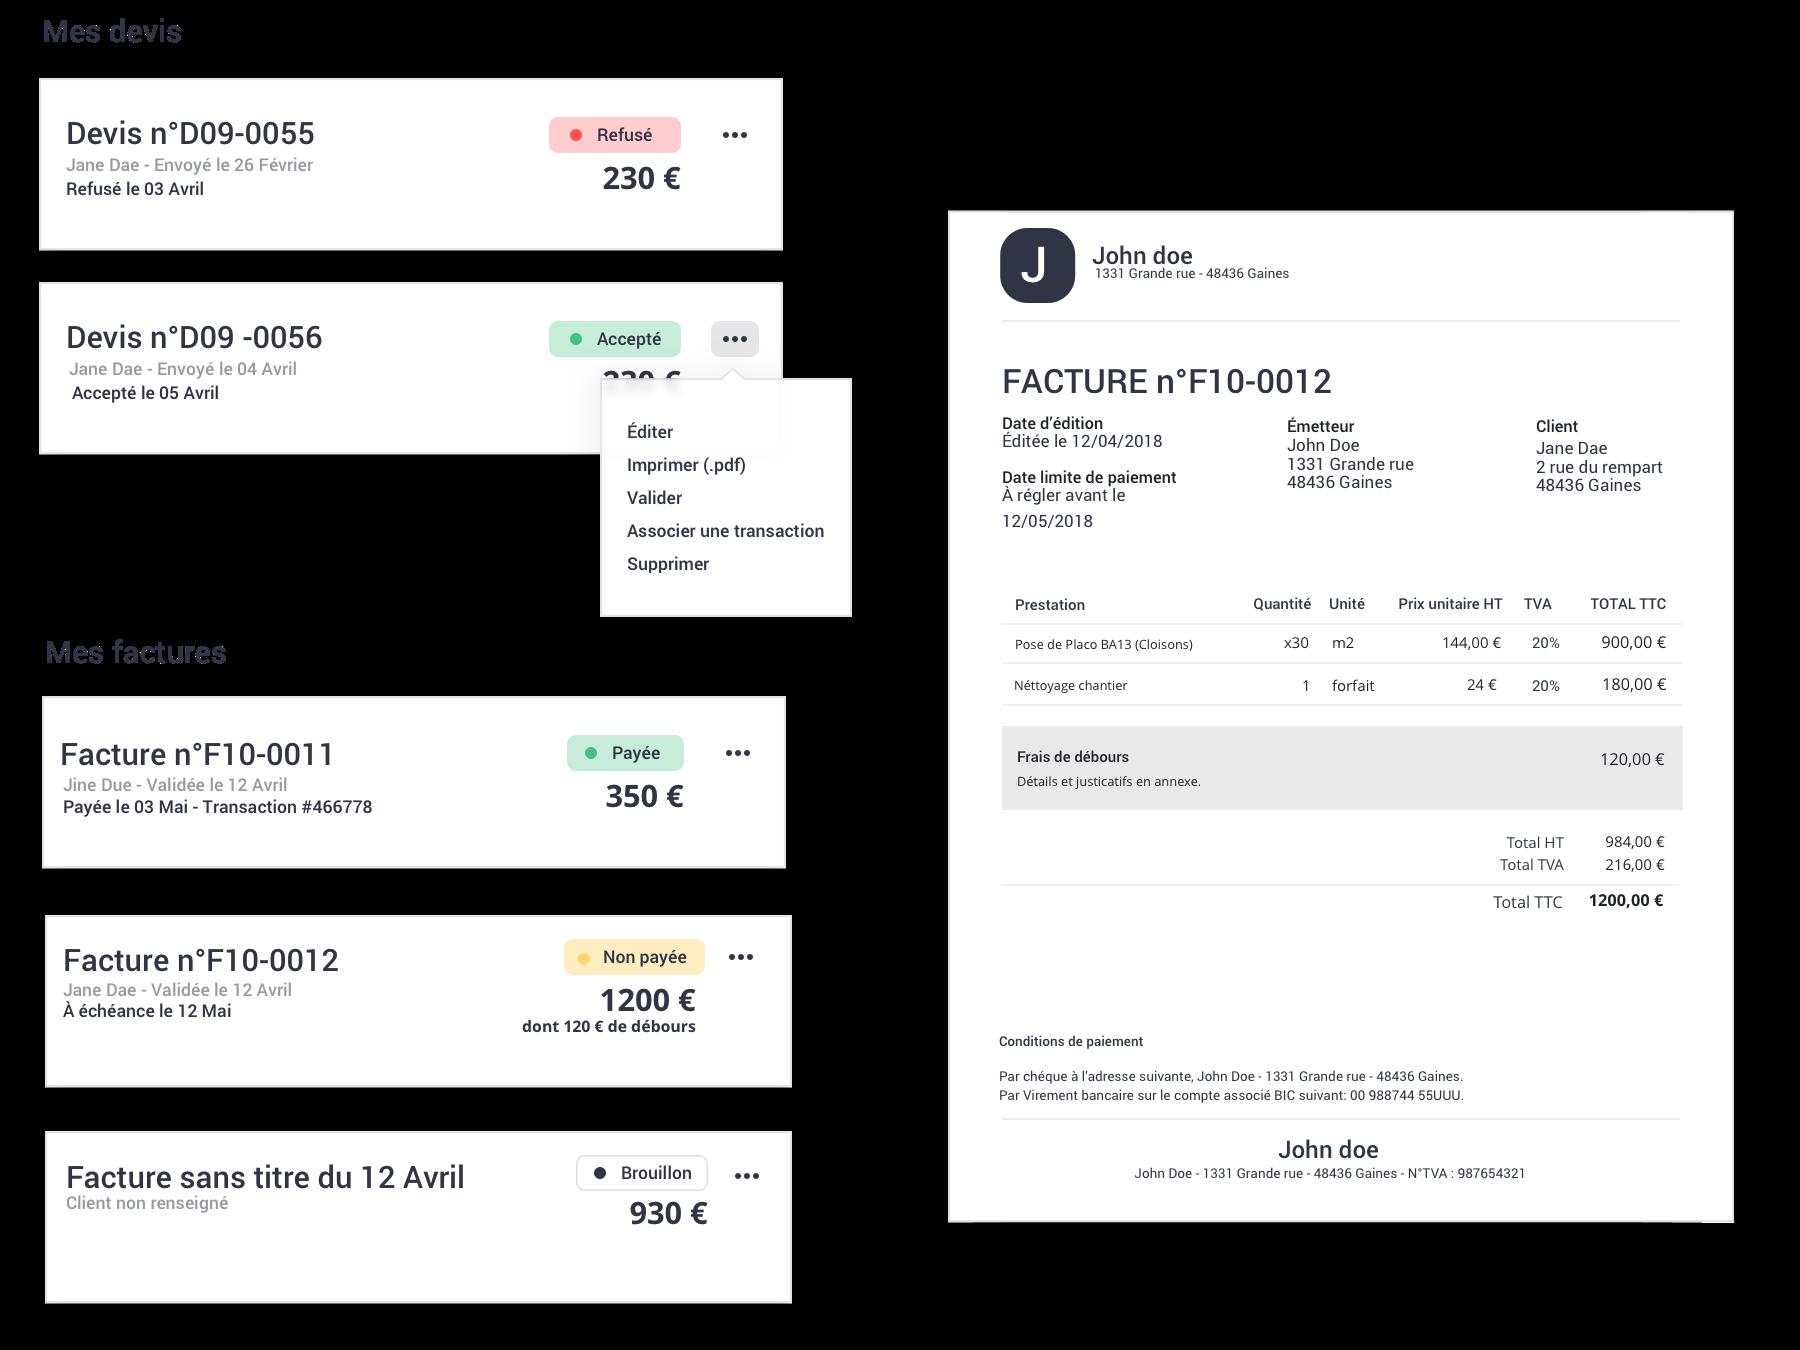 Fonctionnalité de Gest4u,logiciel en ligne de gestion comptable et commerciale pour indépandants et proféssions libérales -  facturation